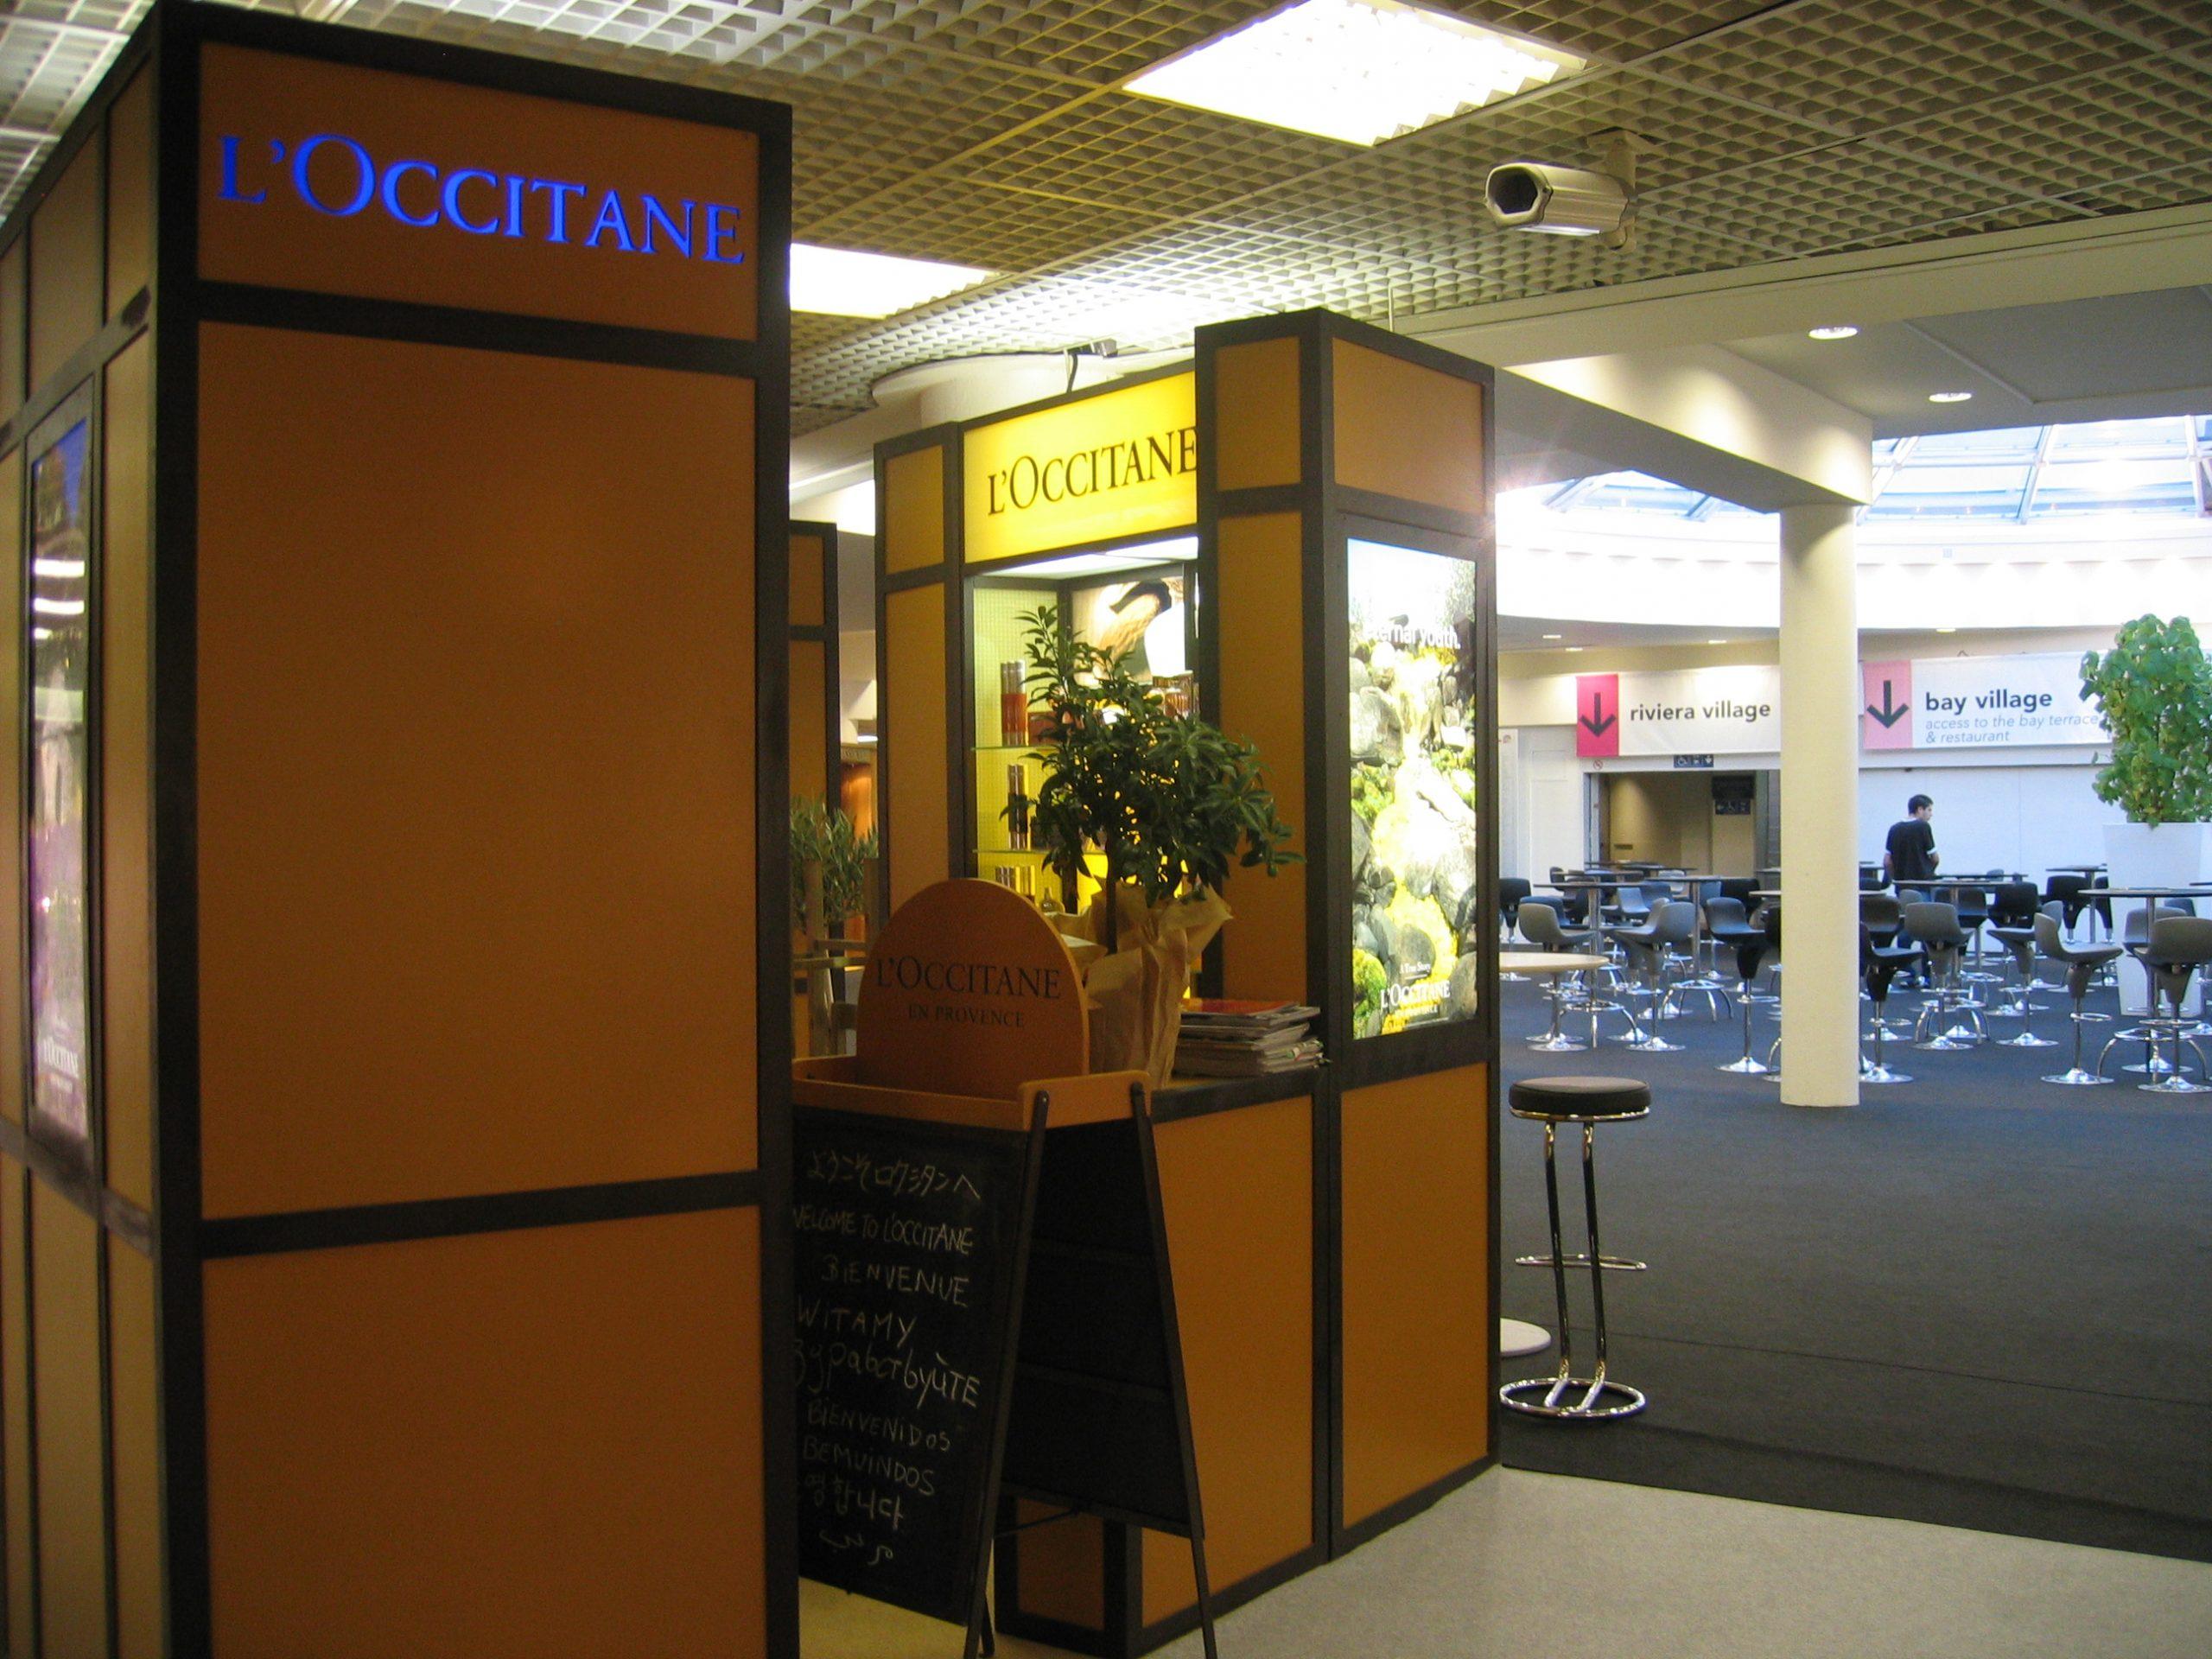 OCCITANE 2